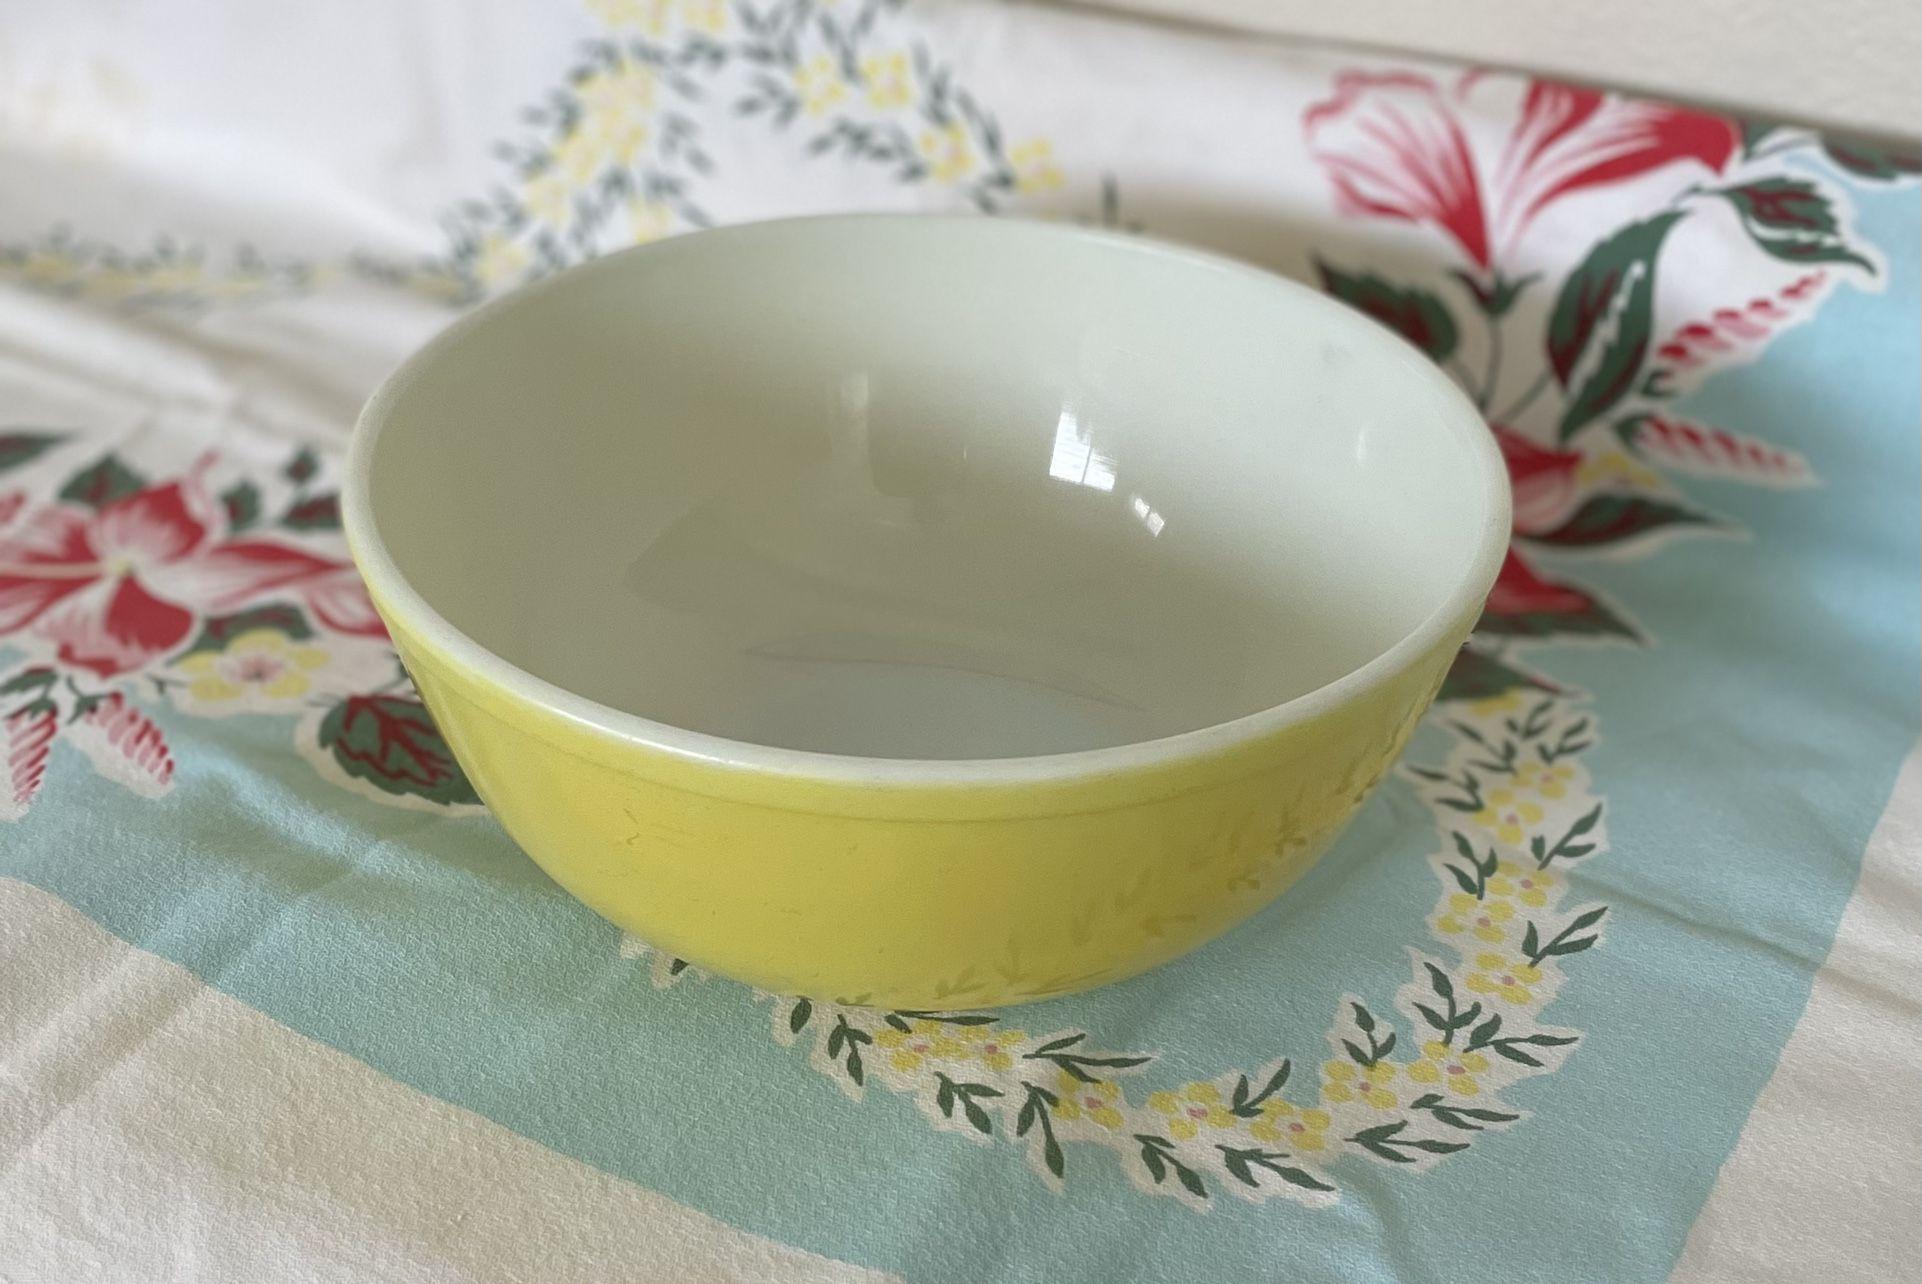 Vintage Large Yellow Pyrex Mixing Bowl 4 Quart